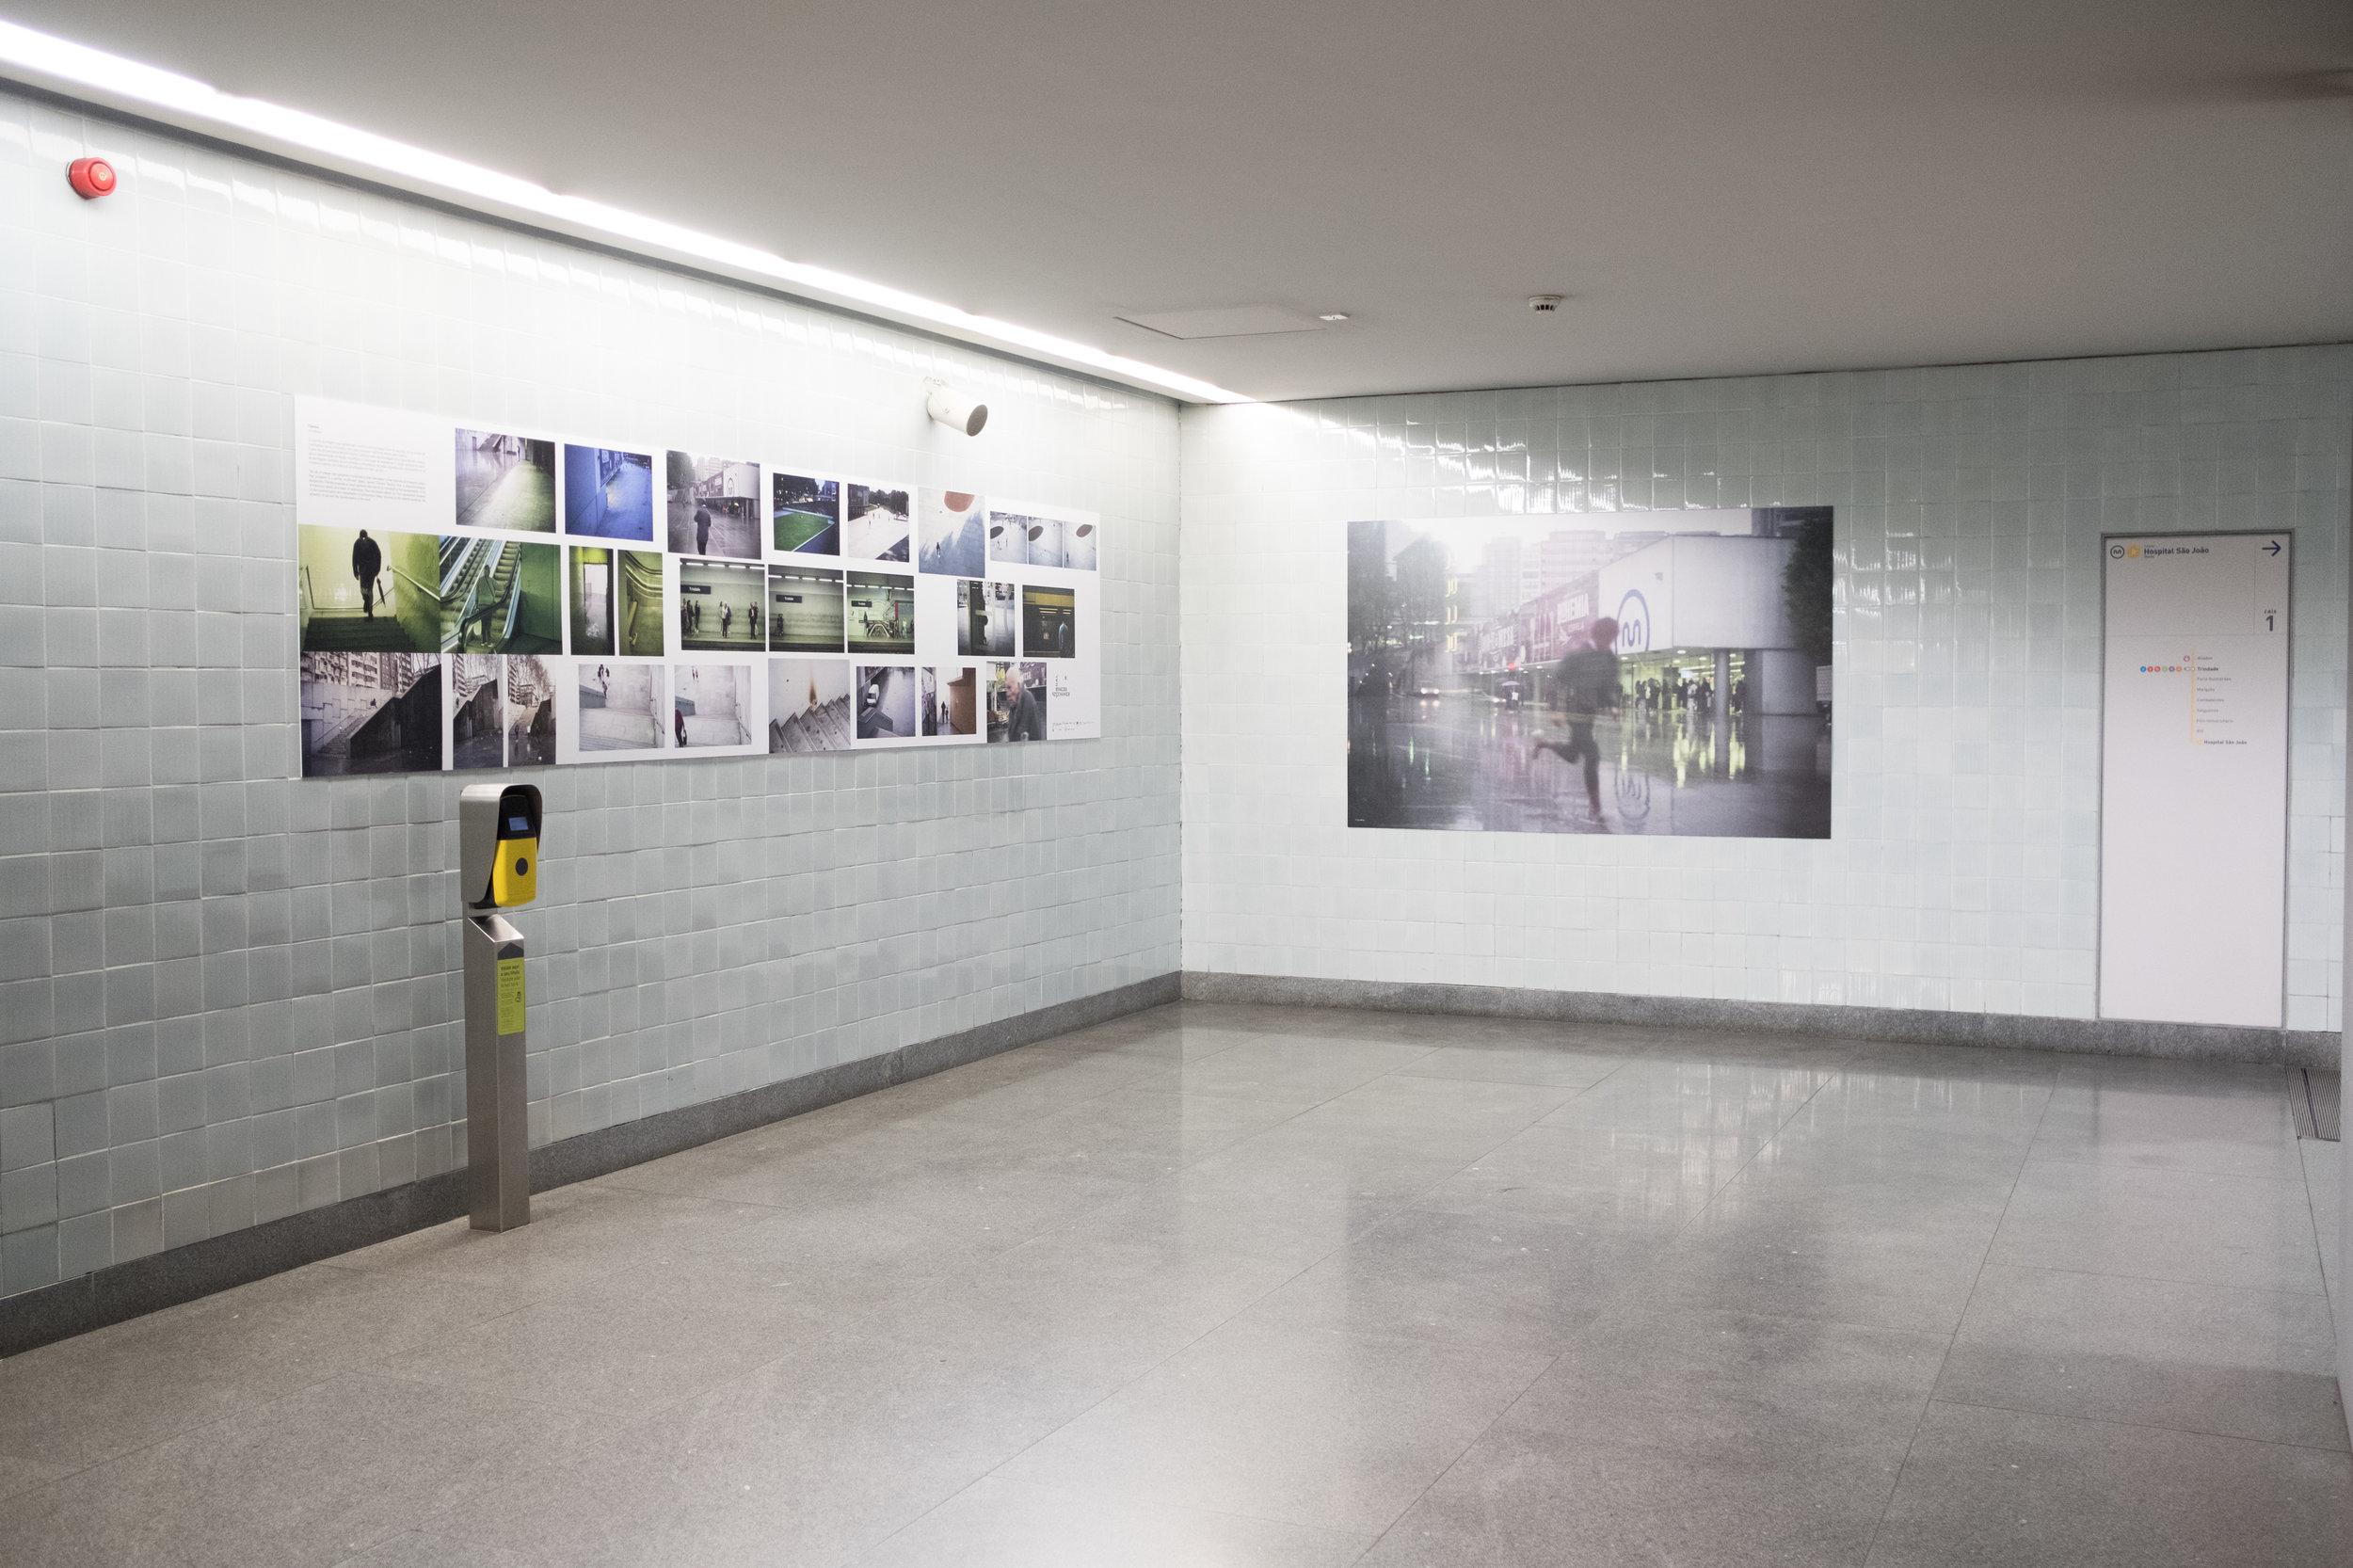 Apresentação e Visita Guiada com Curador e Autores: Visual Spaces of Change / Ci.CLO Bienal Fotografia do Porto 2019 - Estações de Metro da Avenida dos Aliados e S. Bento